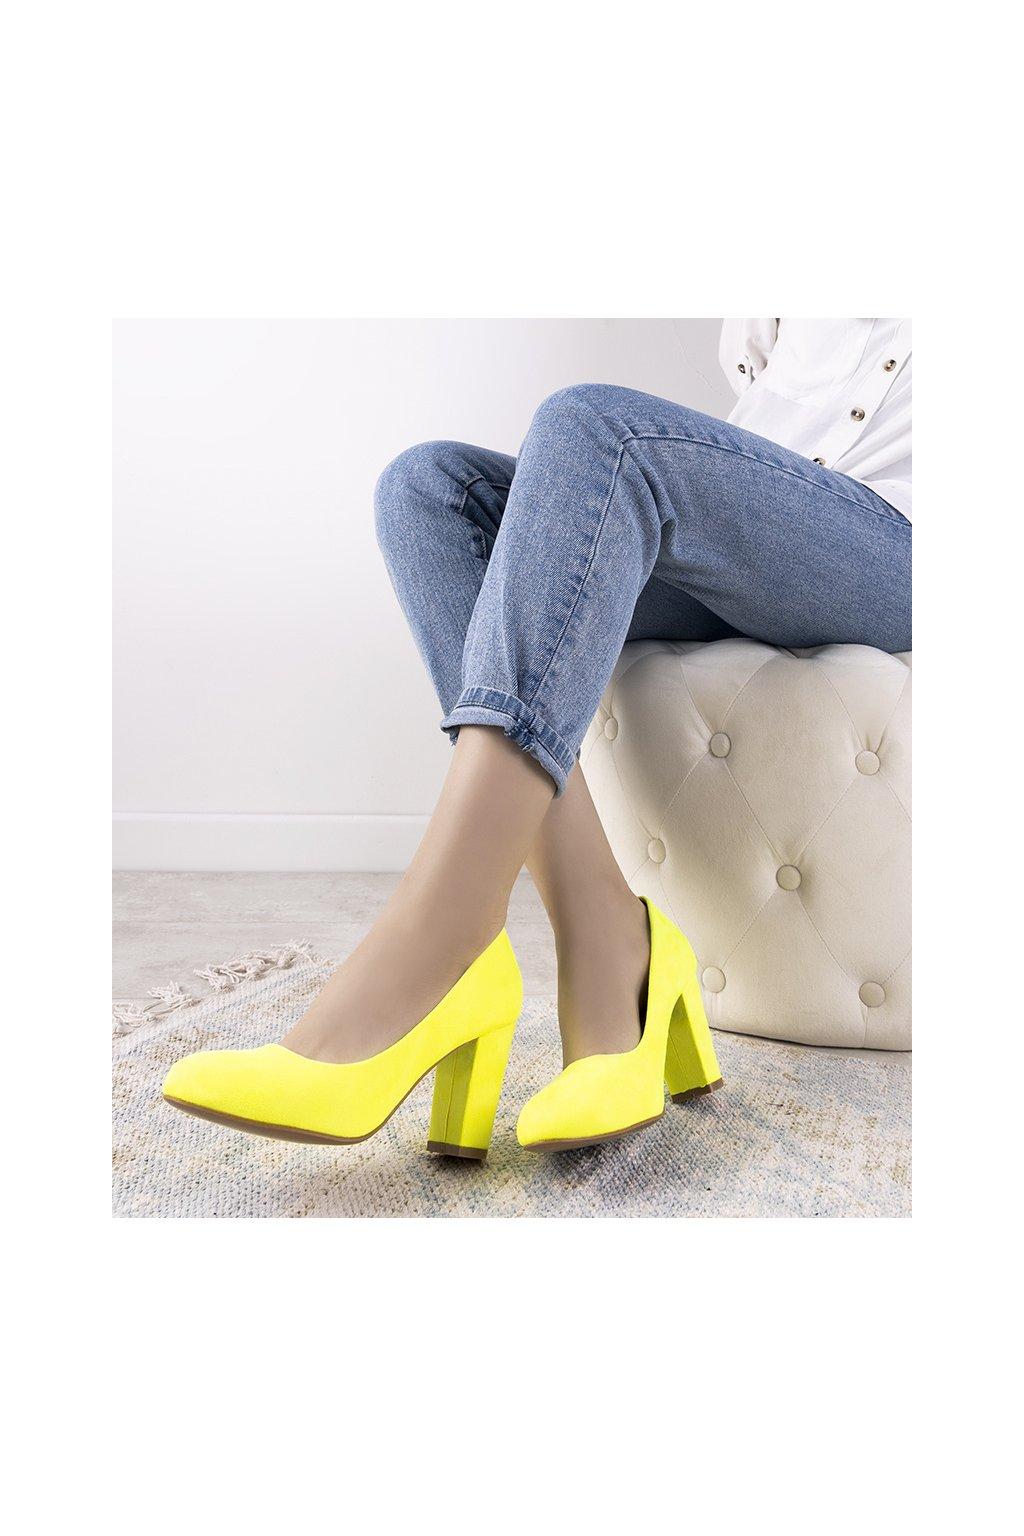 Dámske topánky lodičky žlté kód DH02 - GM